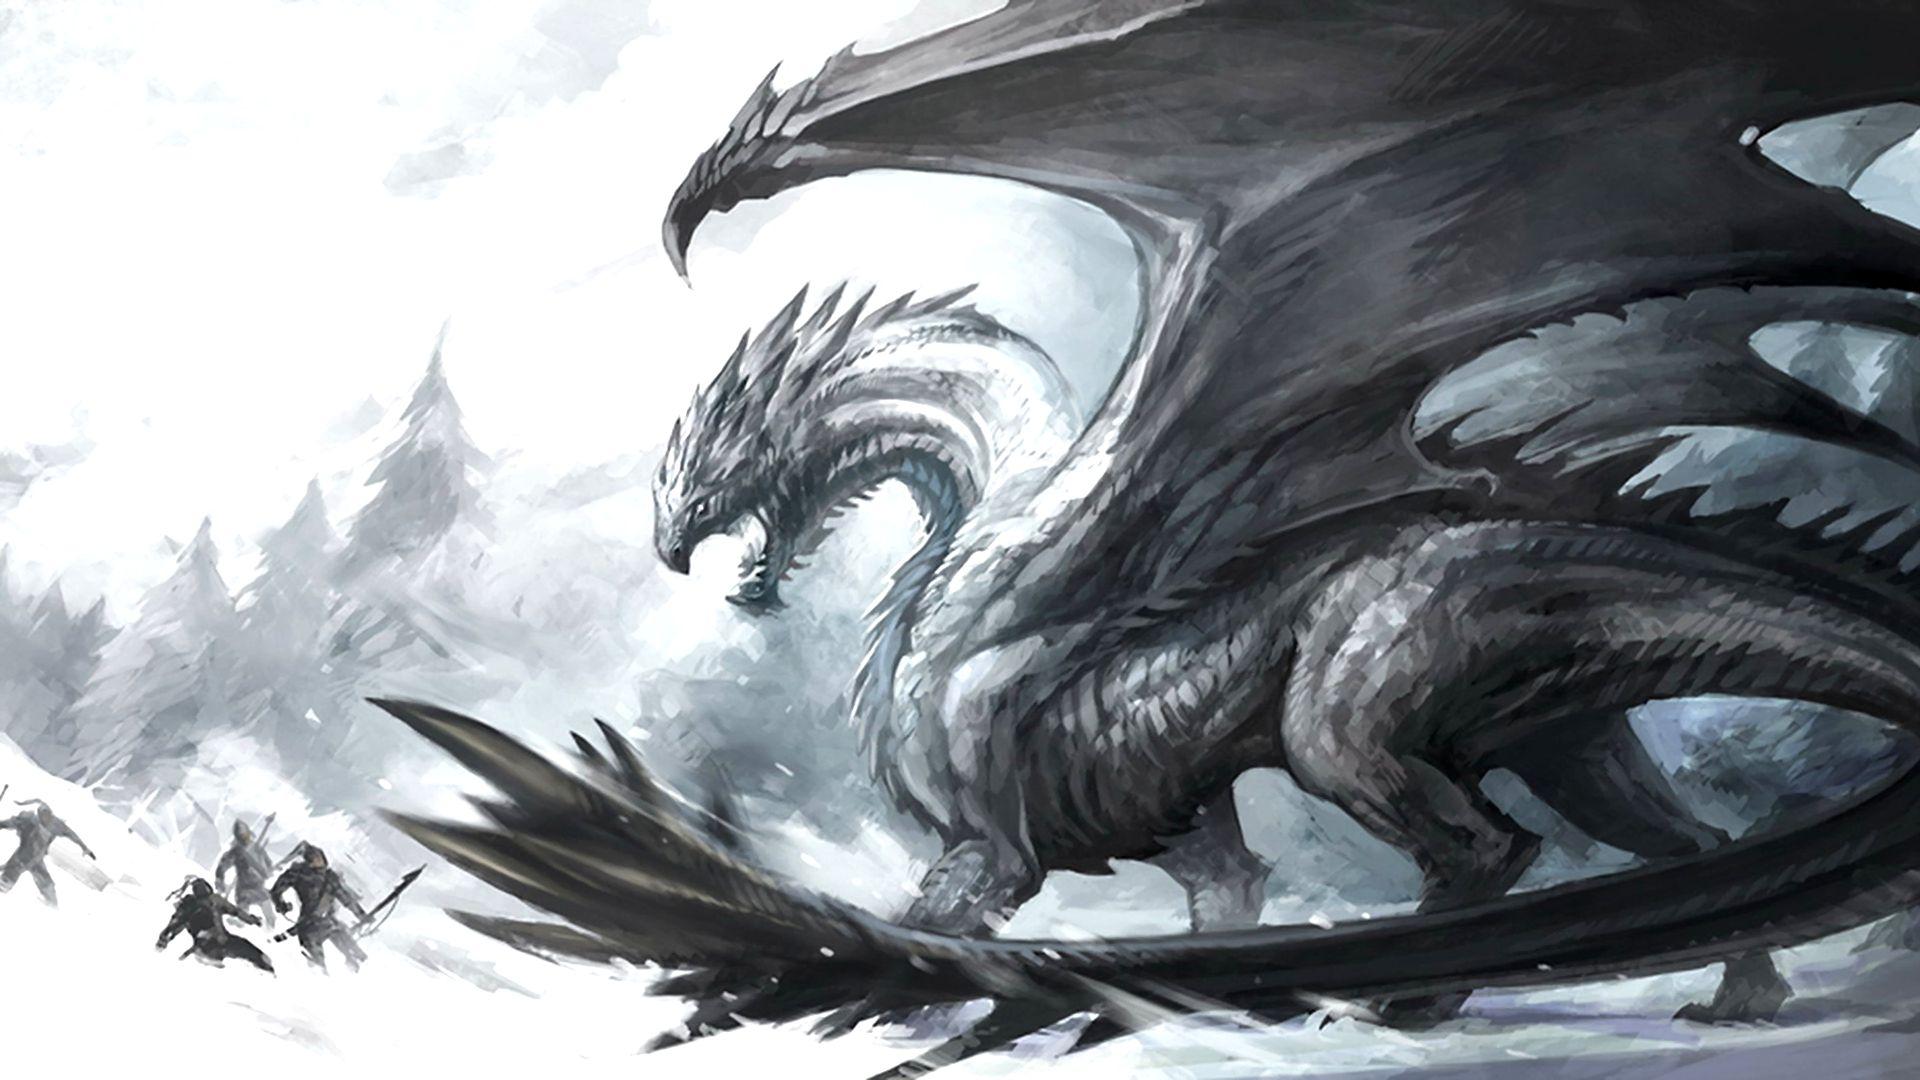 Wallpaper Background Dark Dragon